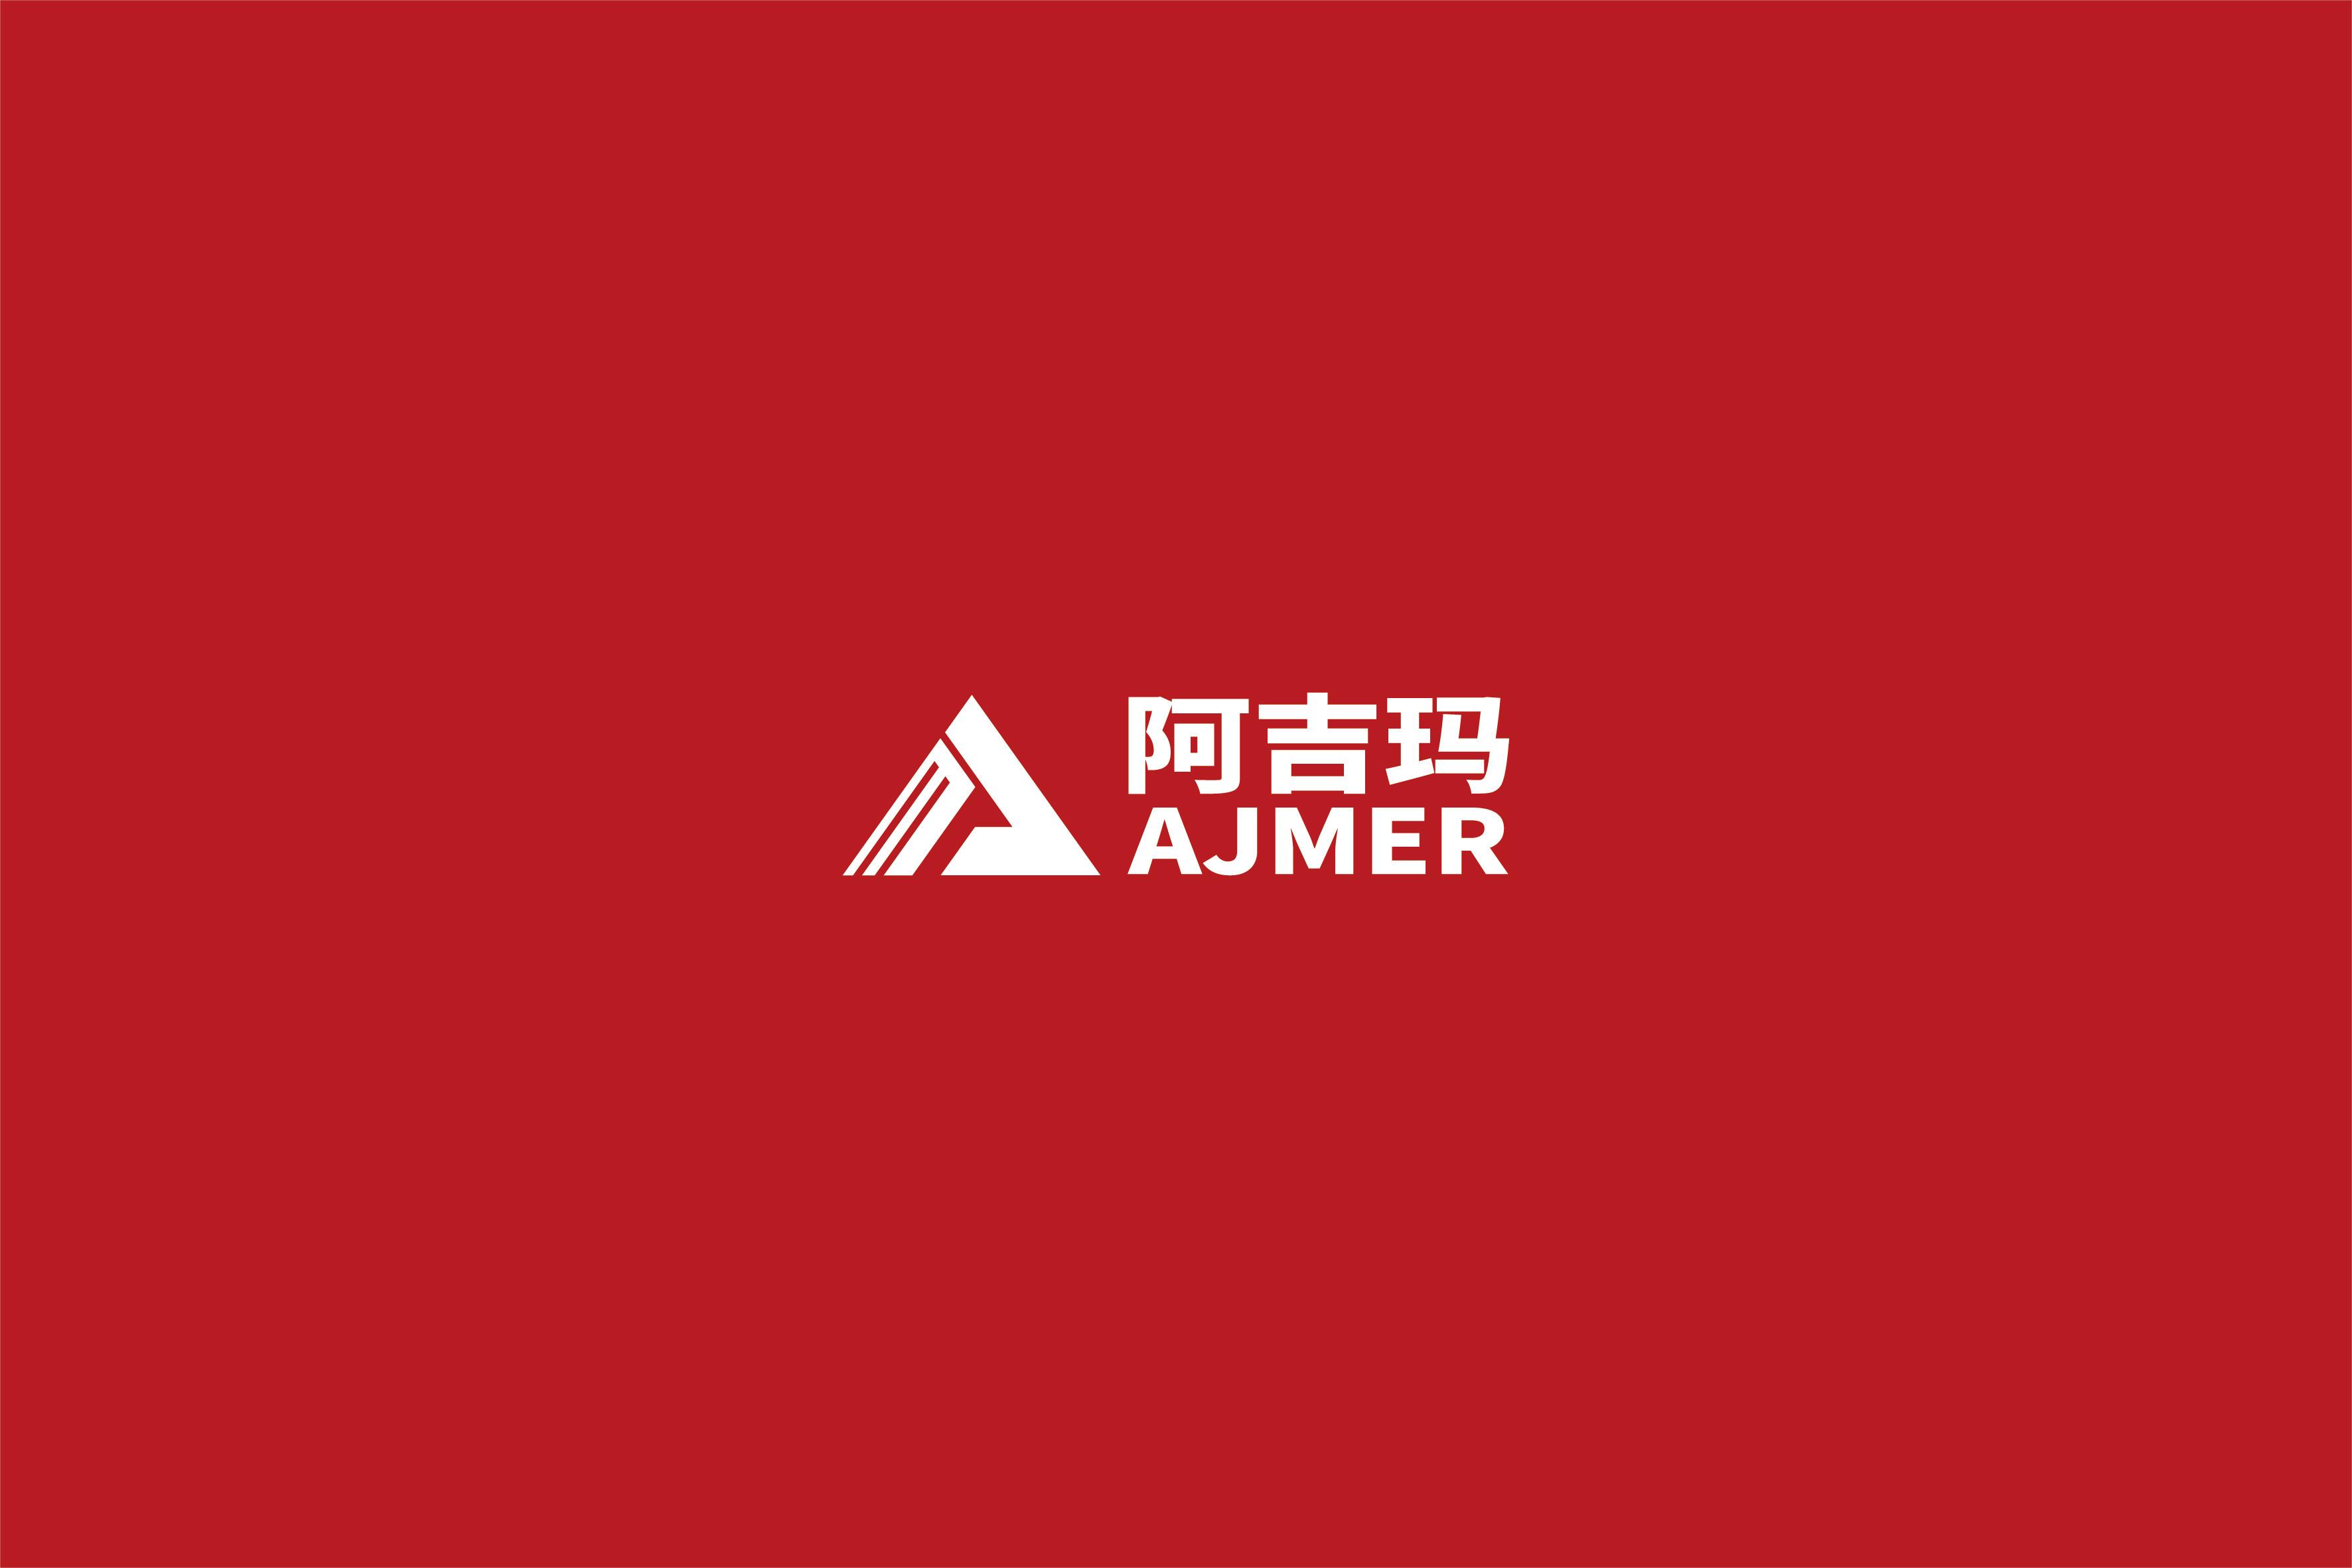 长沙阿吉玛贸易商咨询服务有限公司2